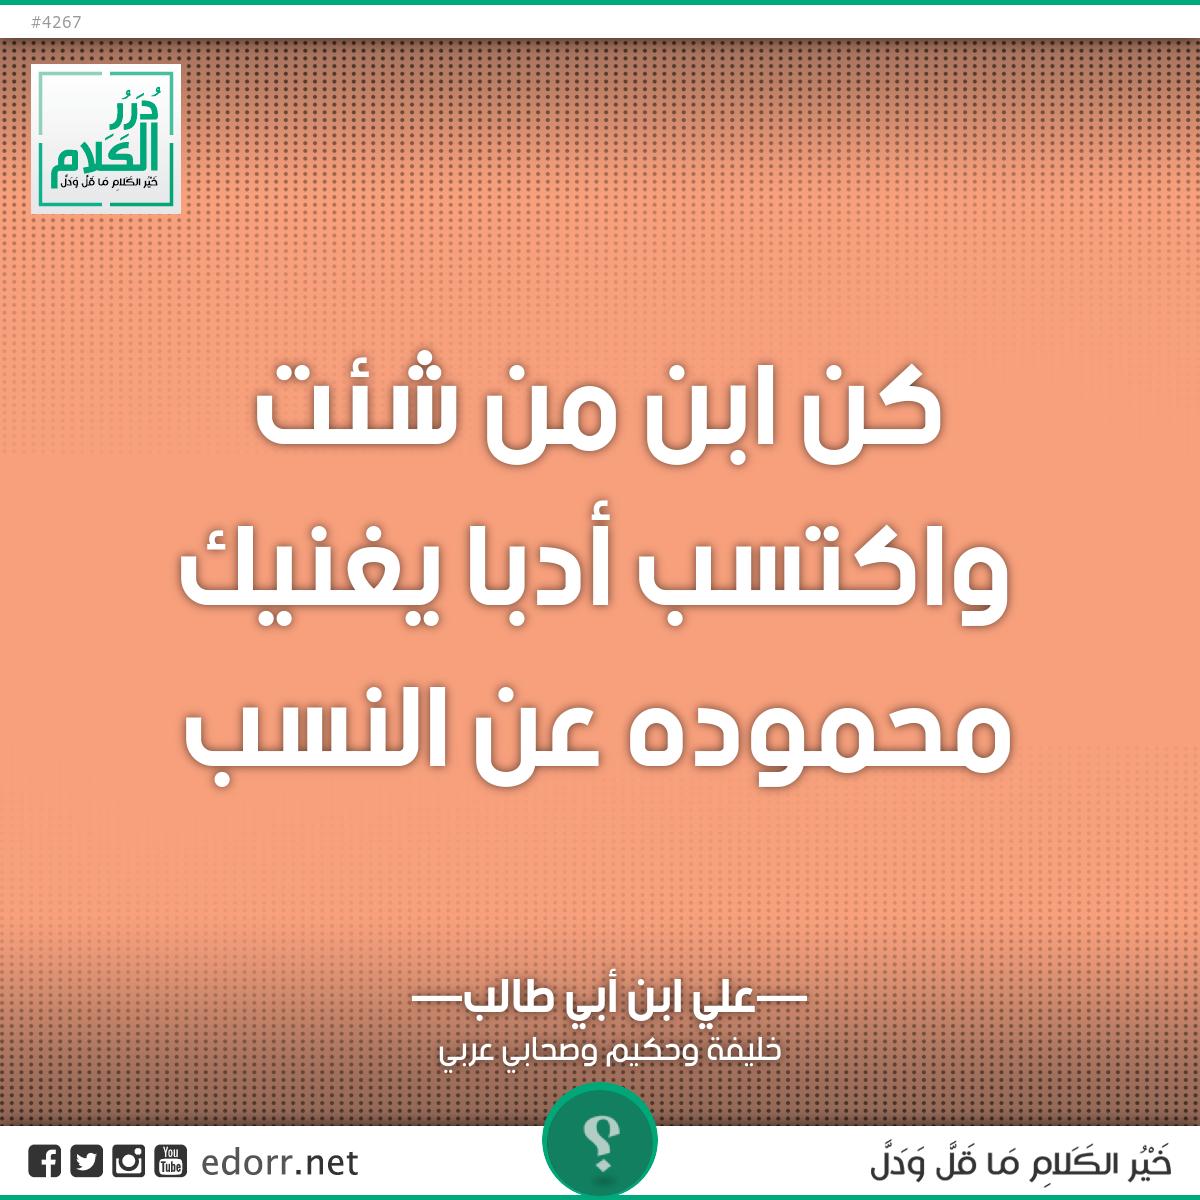 كن ابن من شئت واكتسب أدبا ... يغنيك محموده عن النسب